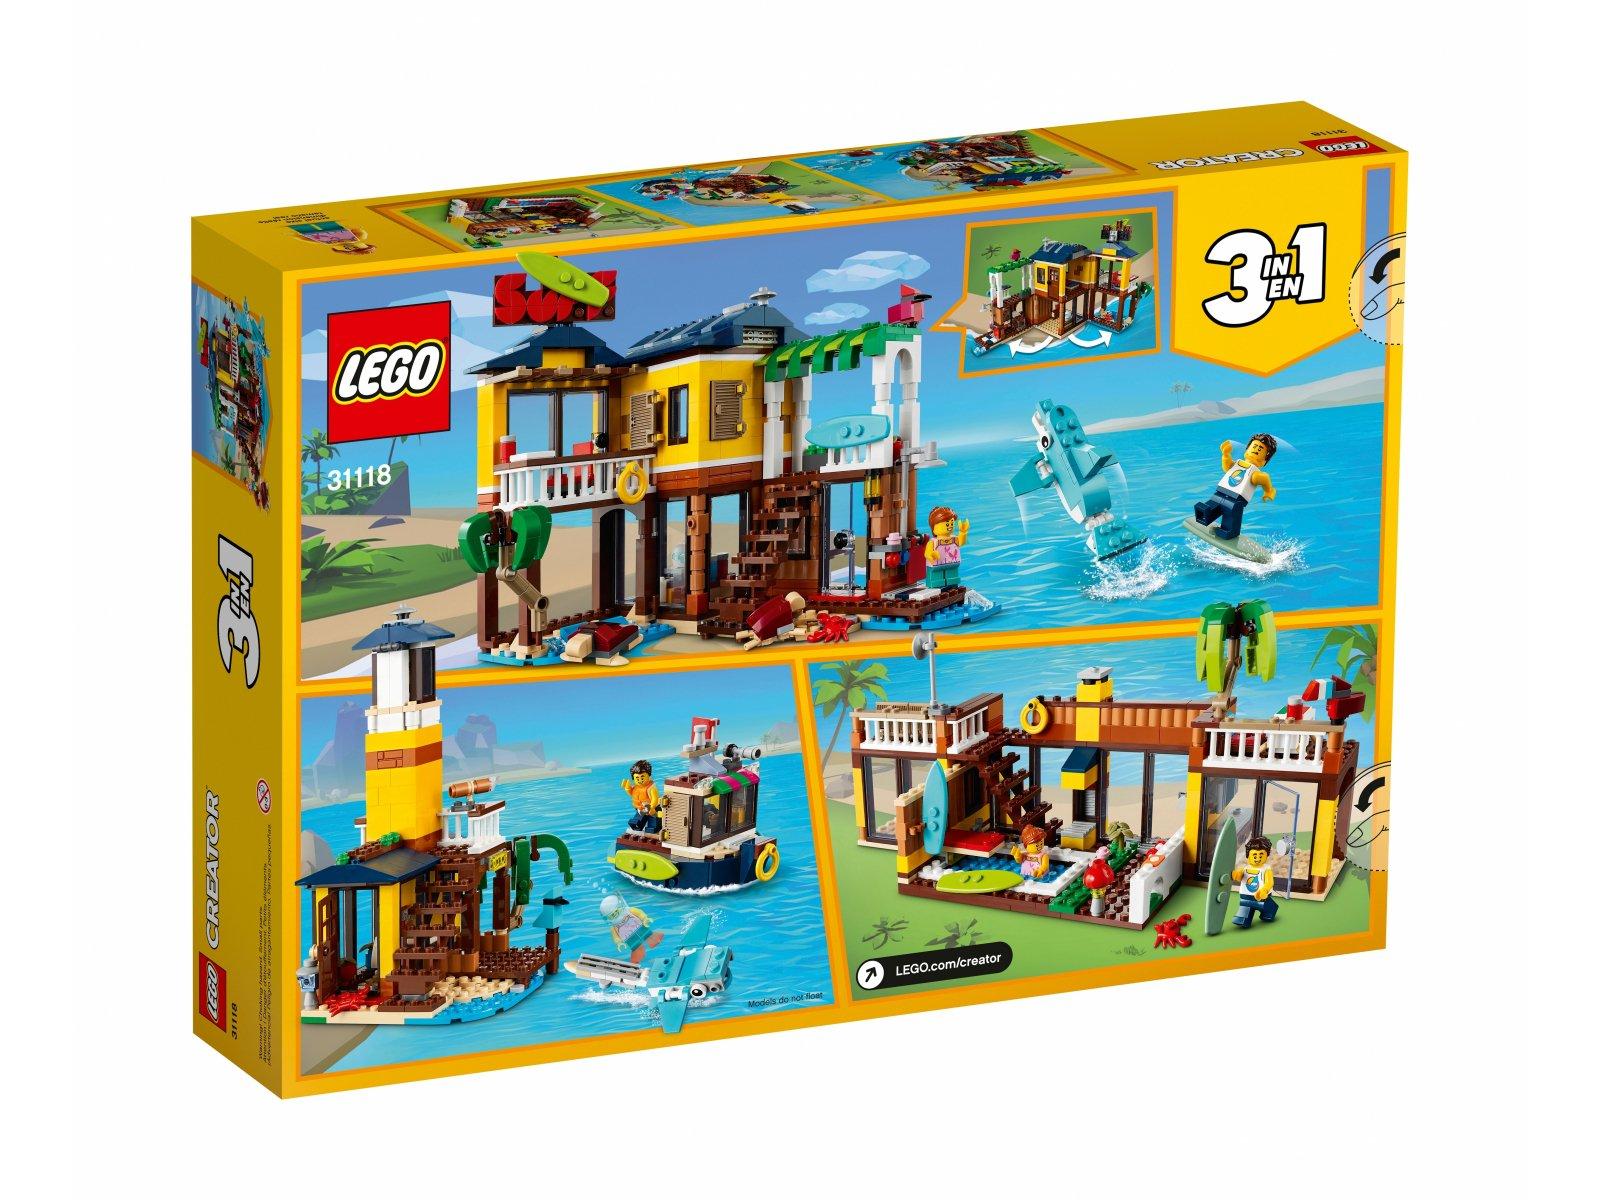 LEGO 31118 Domek surferów na plaży